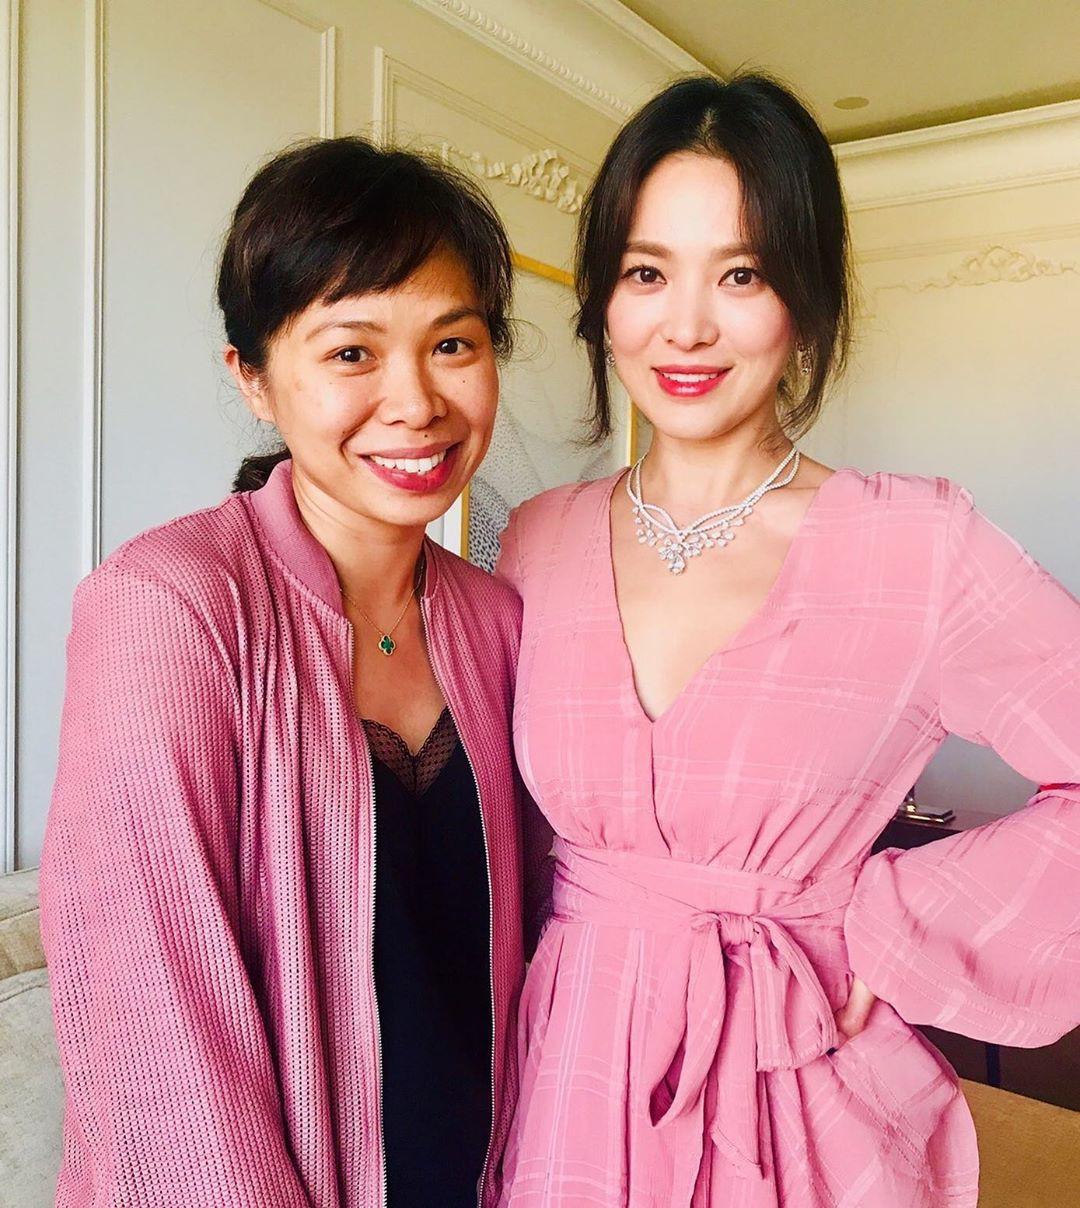 Song Hye Kyo cũng có nhược điểm vóc dáng gây tự ti và đây là 2 cách cô chọn trang phục để khắc phục điều này - Ảnh 10